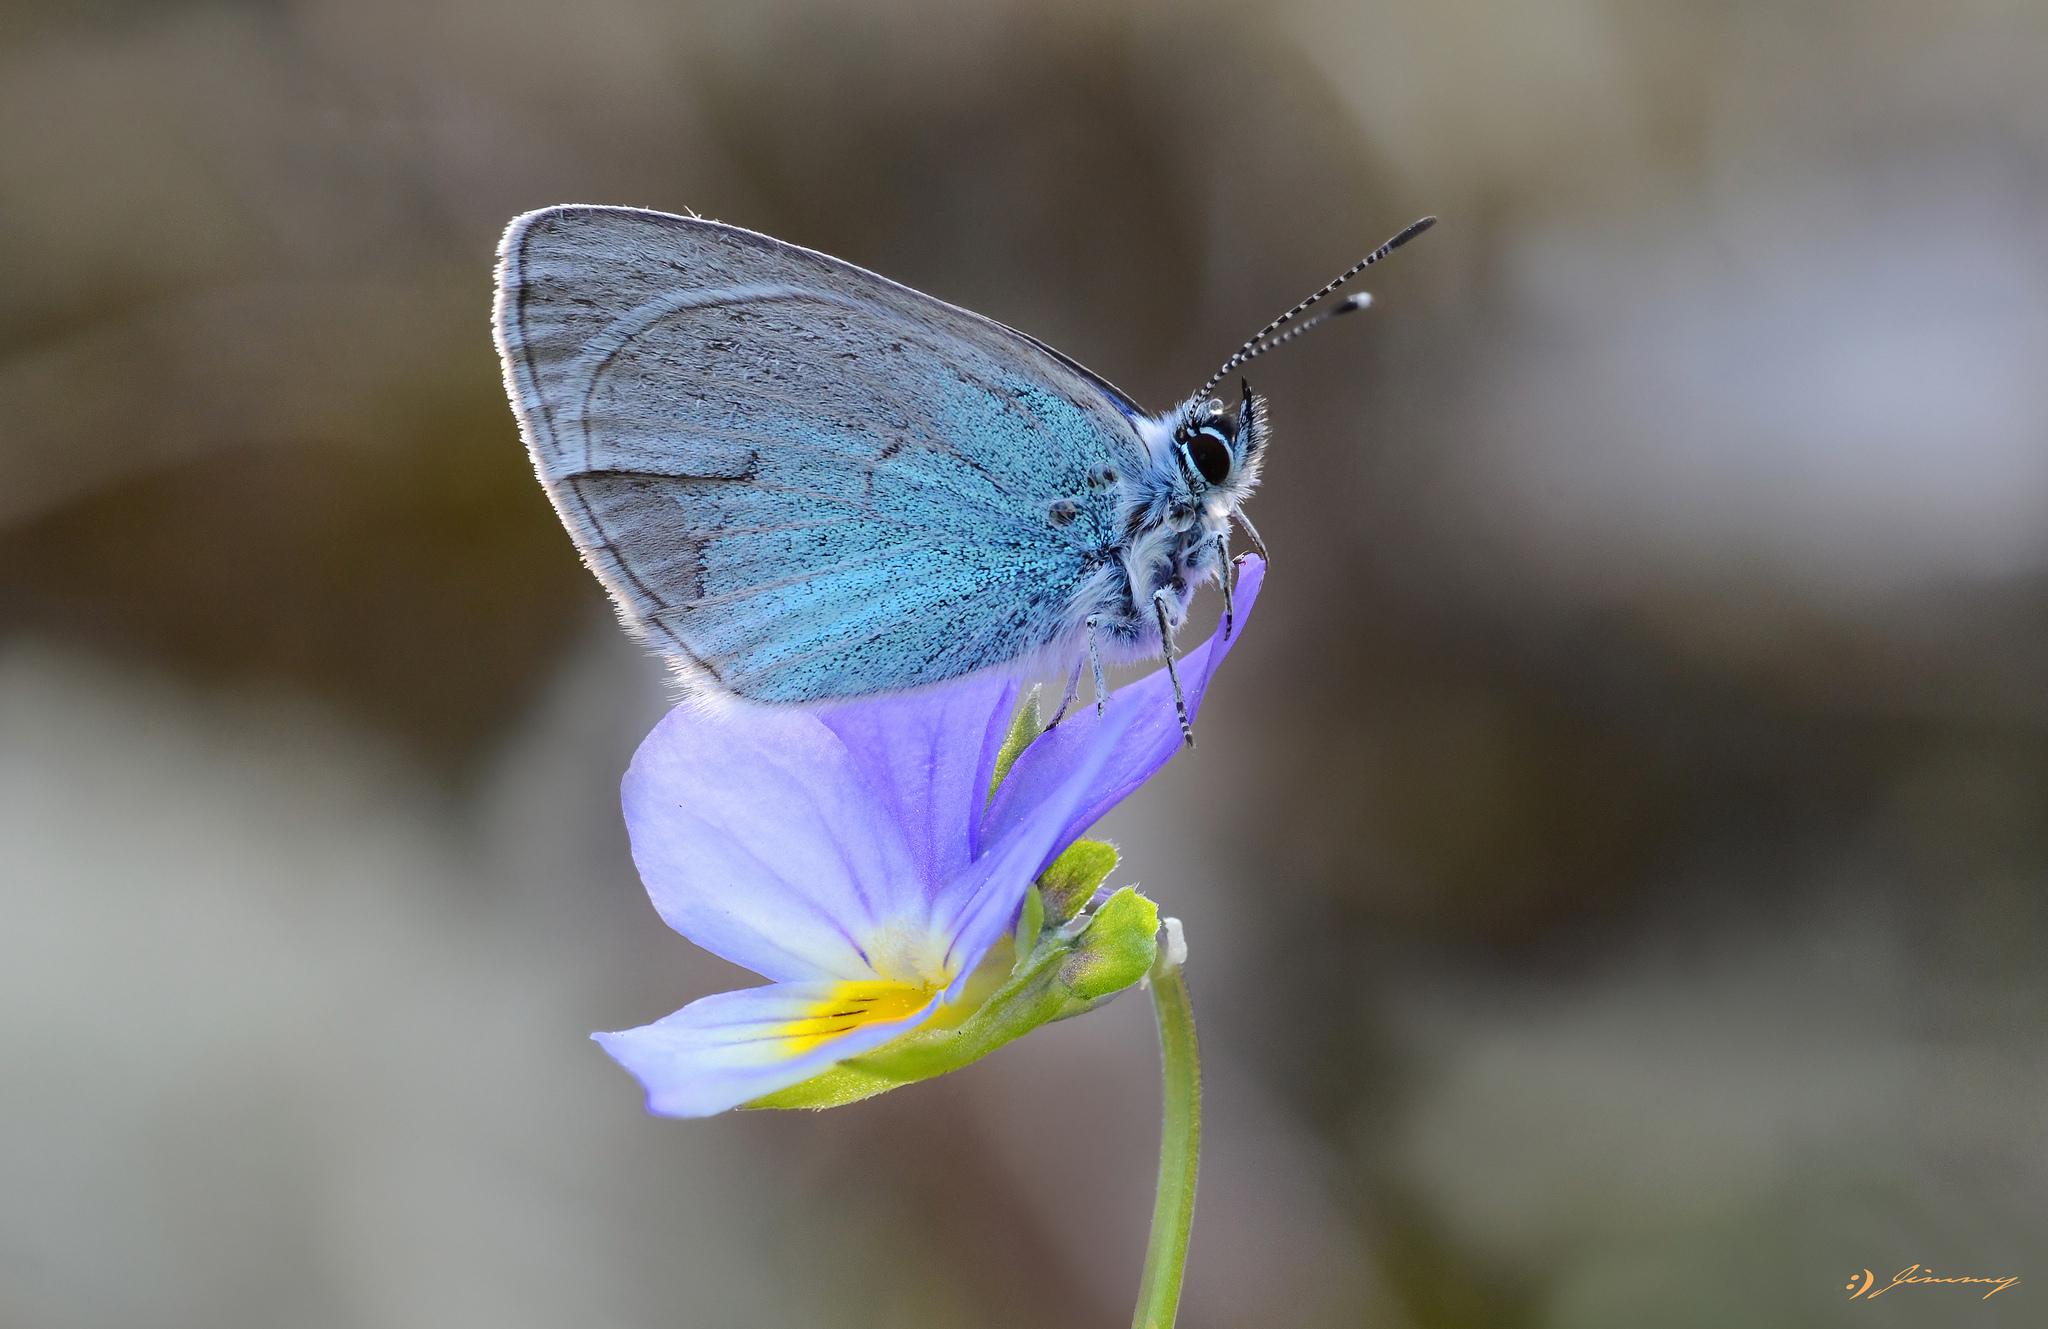 Бабочка голубая цветок макро бесплатно